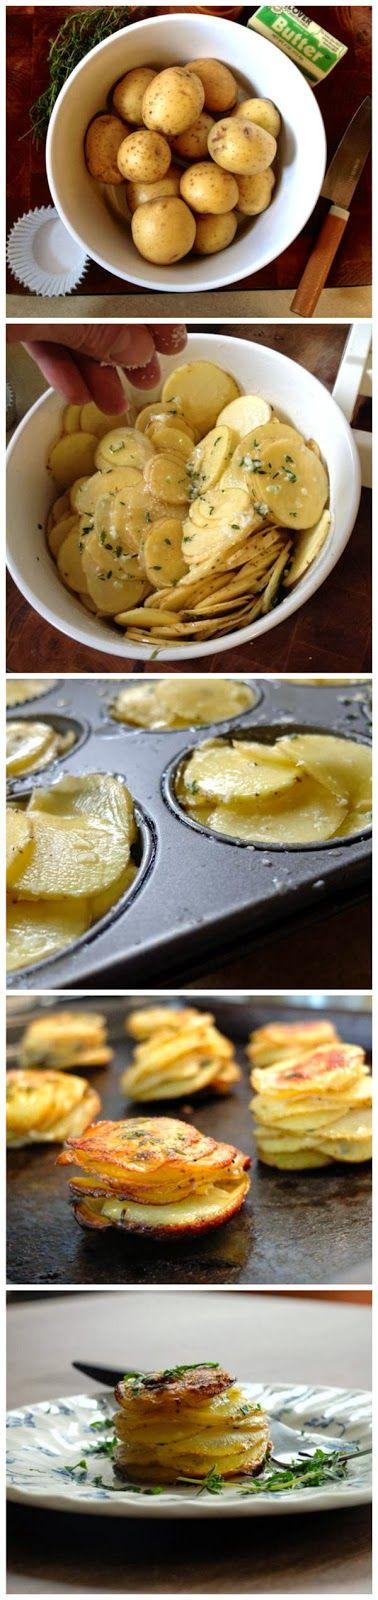 Batatas em lâminas !!